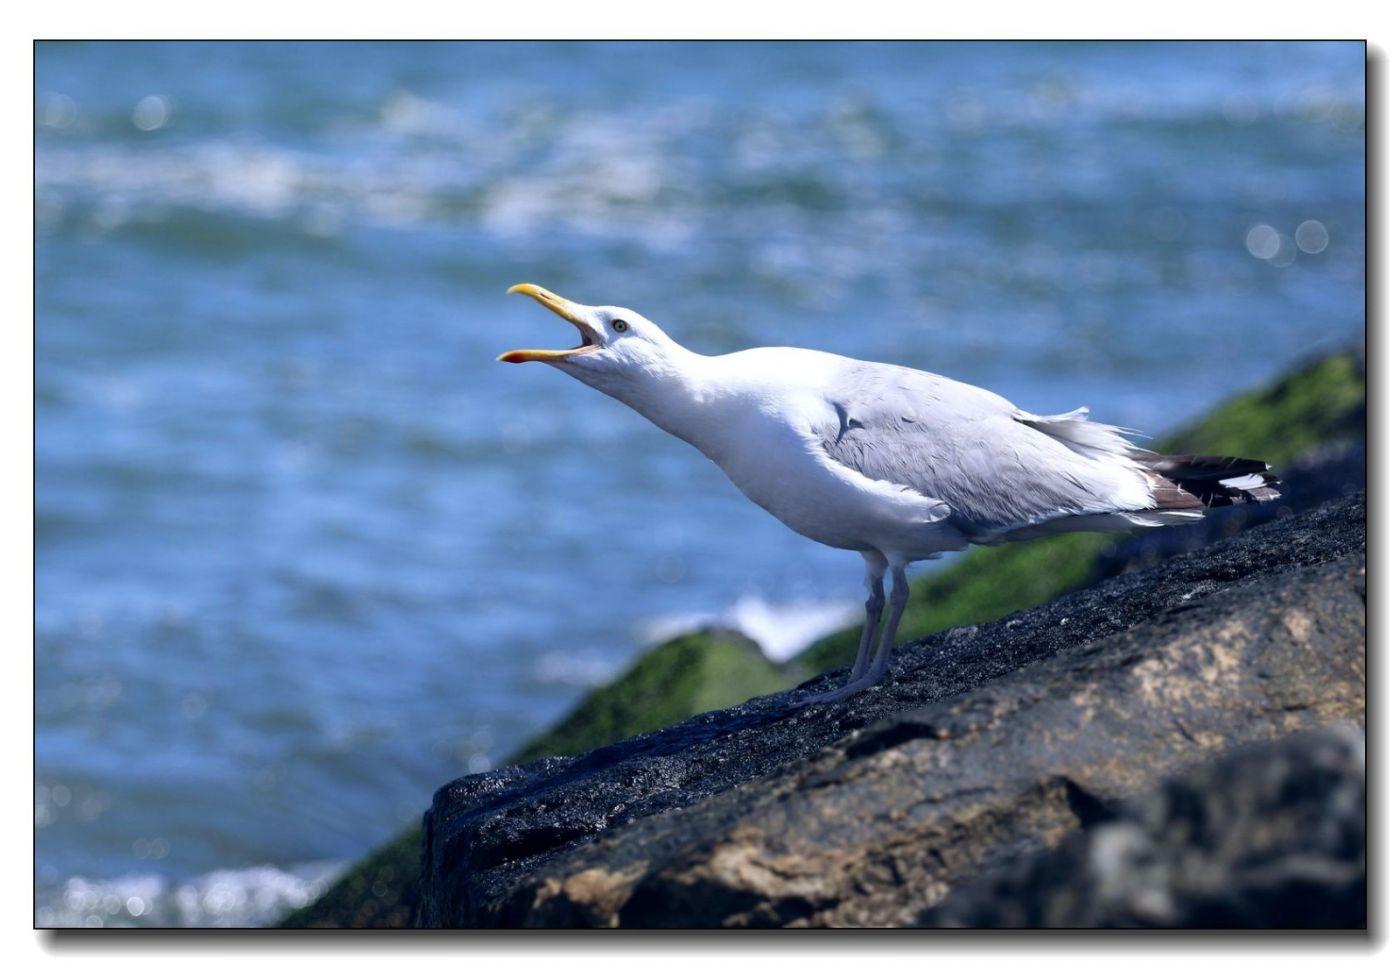 洛克威海滩拍鸟-银鸥_图1-7